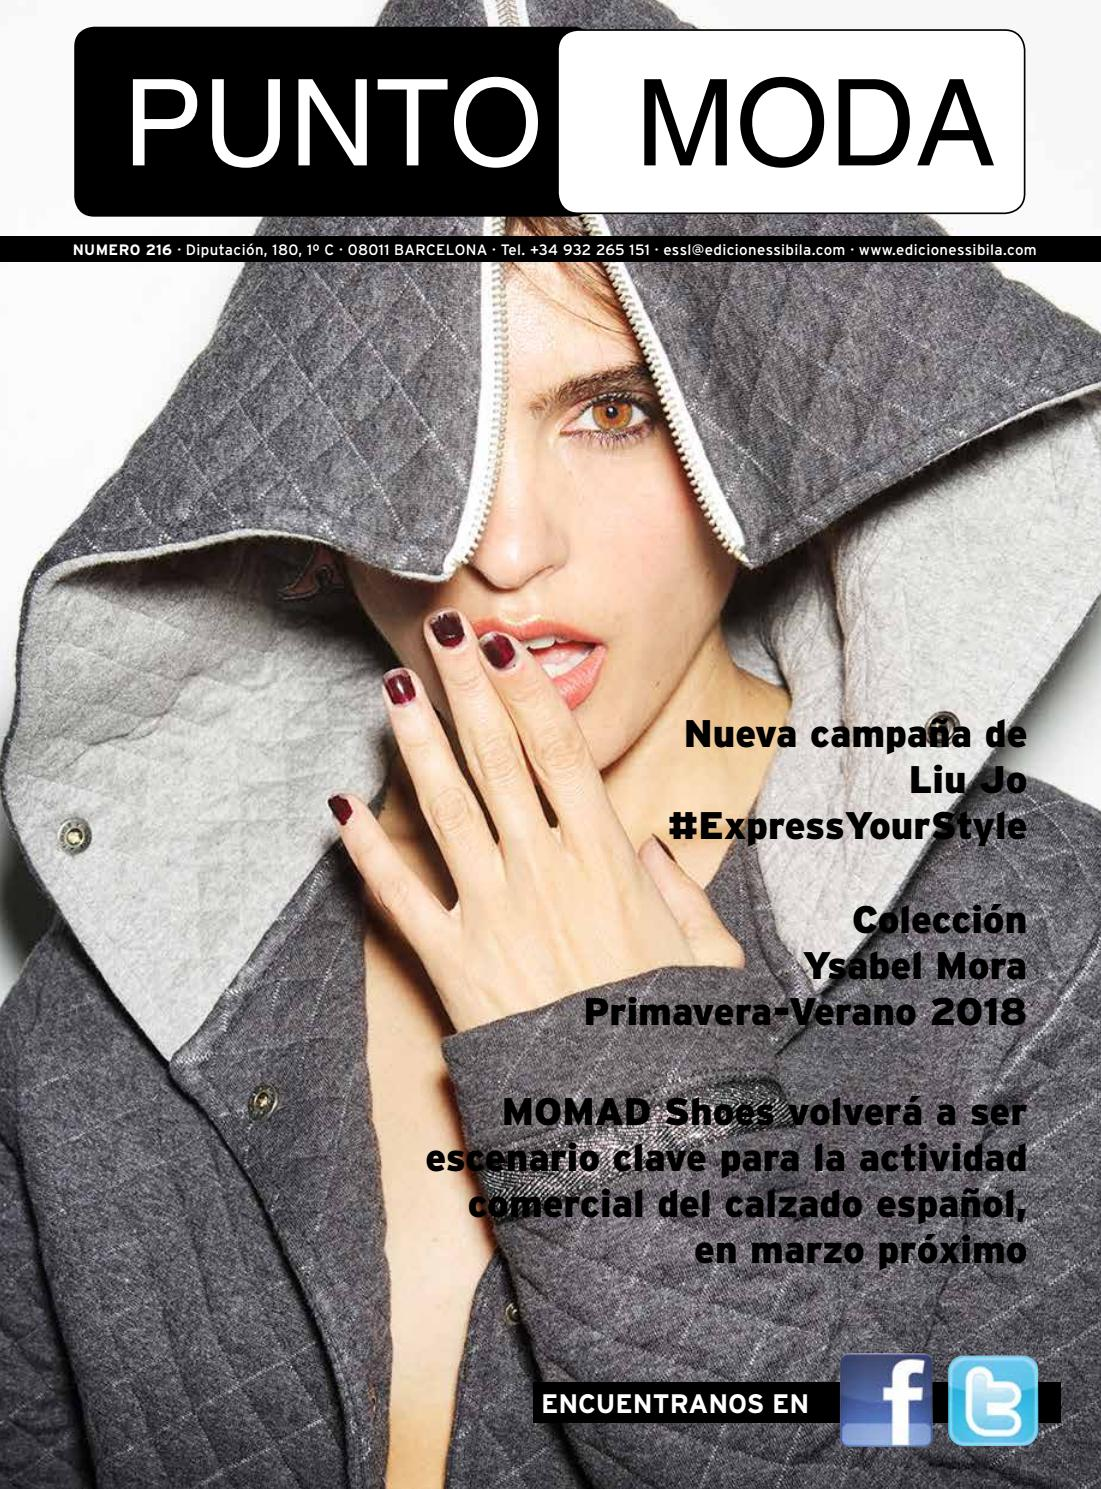 2e5c433ae37 Revista PuntoModa 216 by Edicions Sibil-la SL - issuu